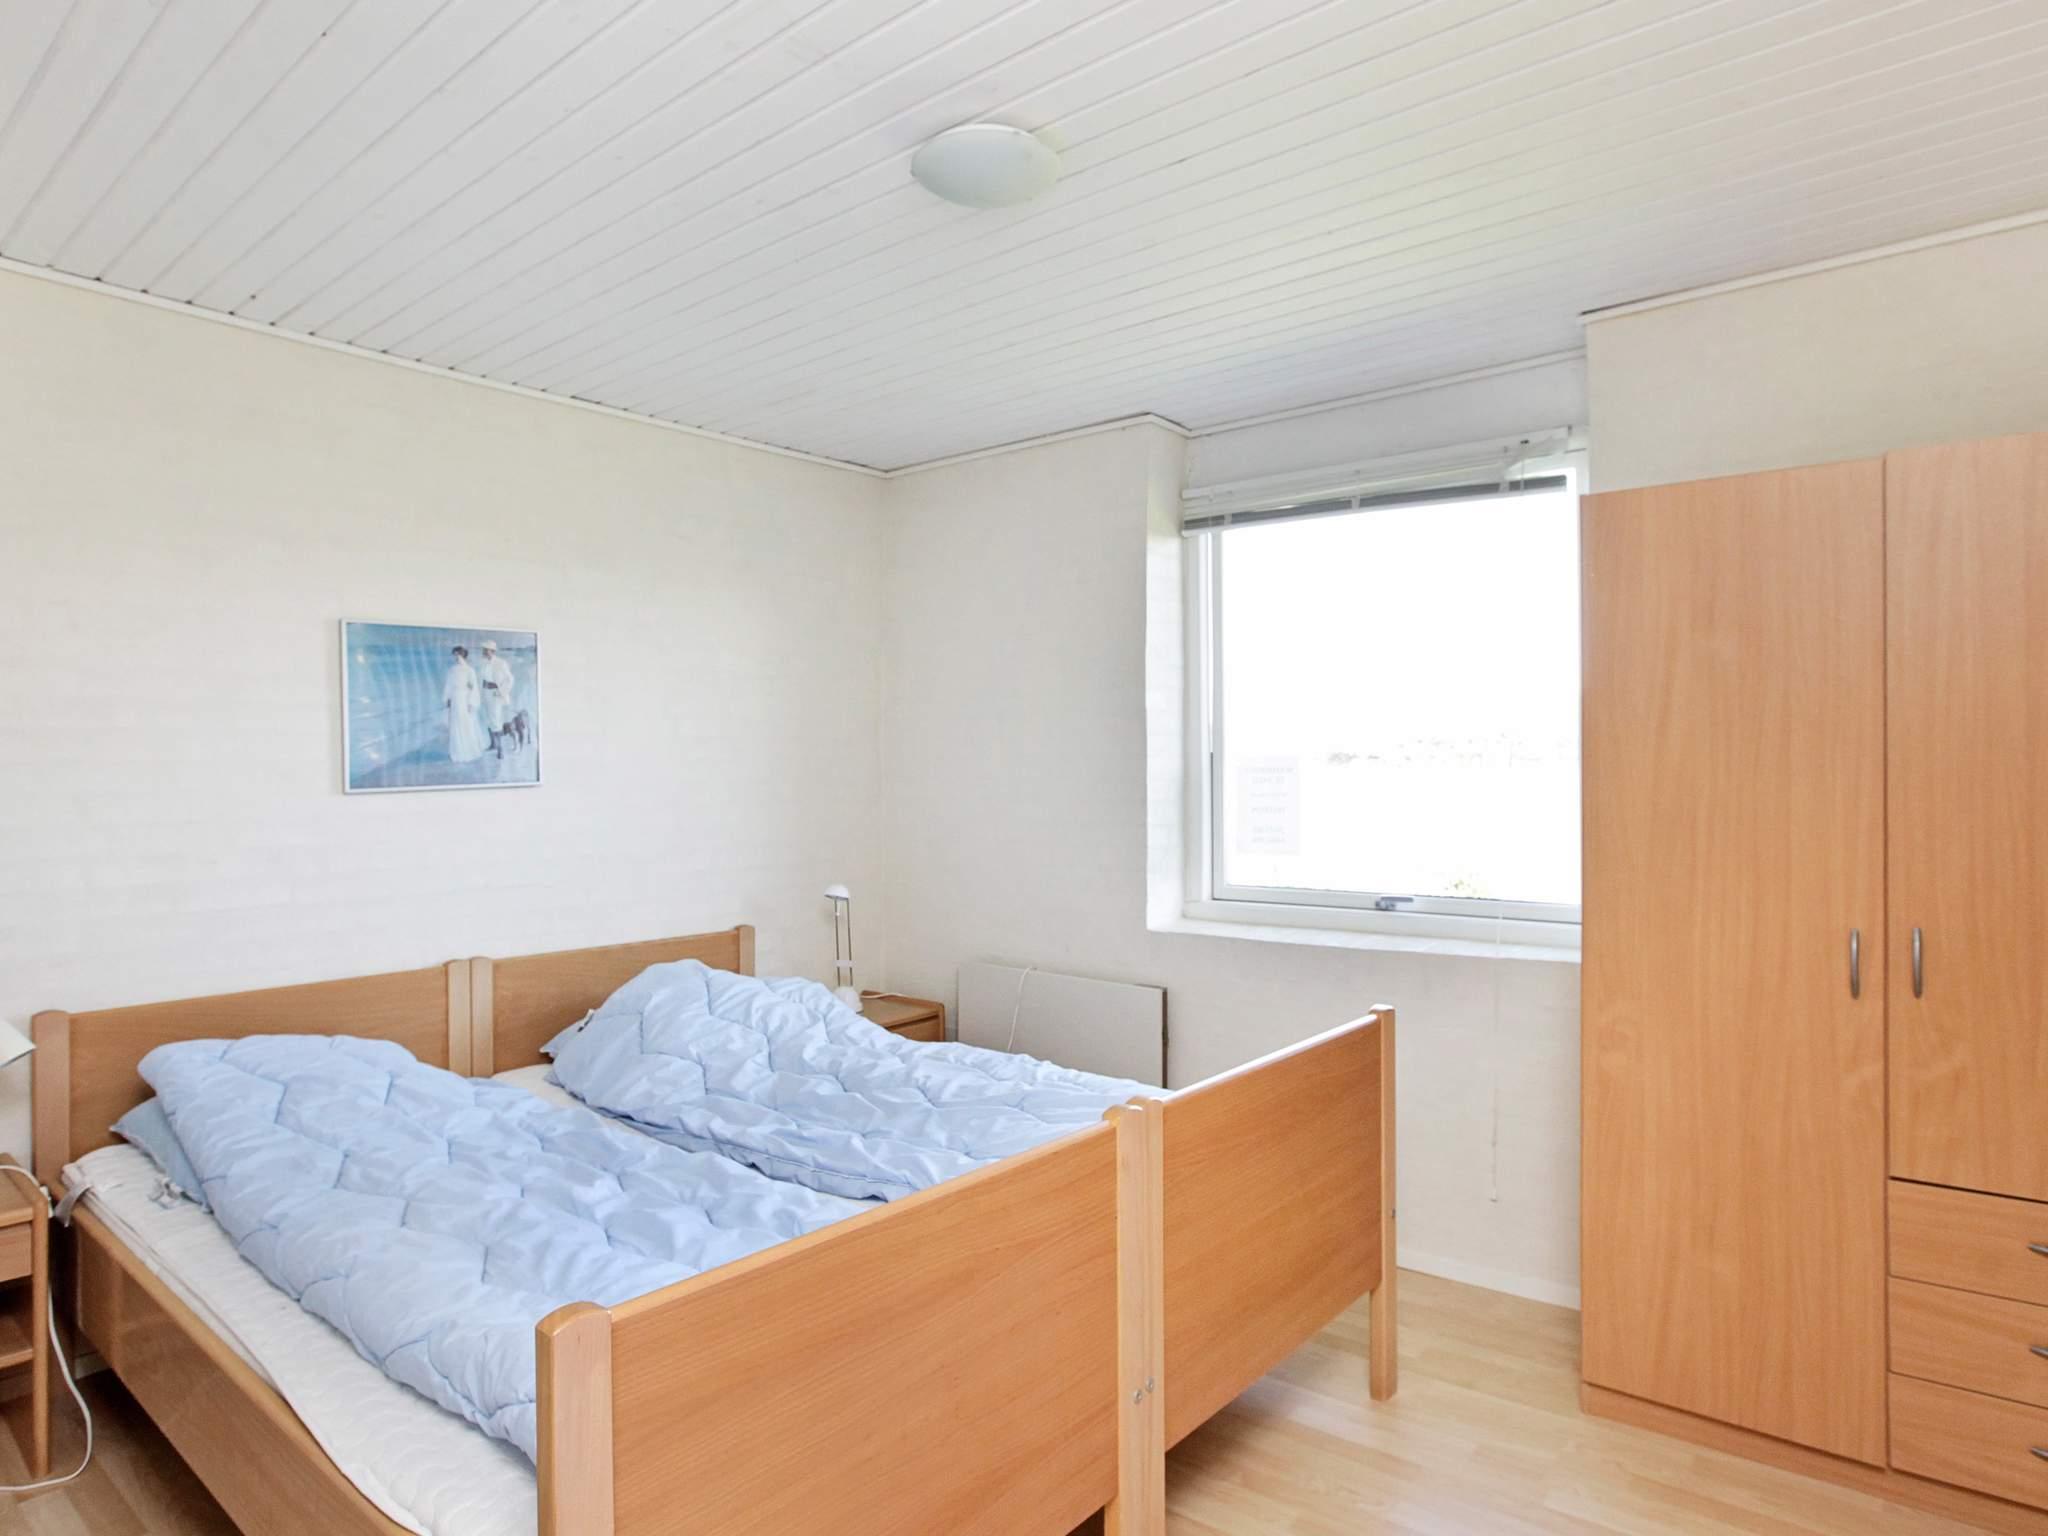 Ferienhaus Skåstrup Strand (420074), Skåstrup, , Fünen, Dänemark, Bild 4